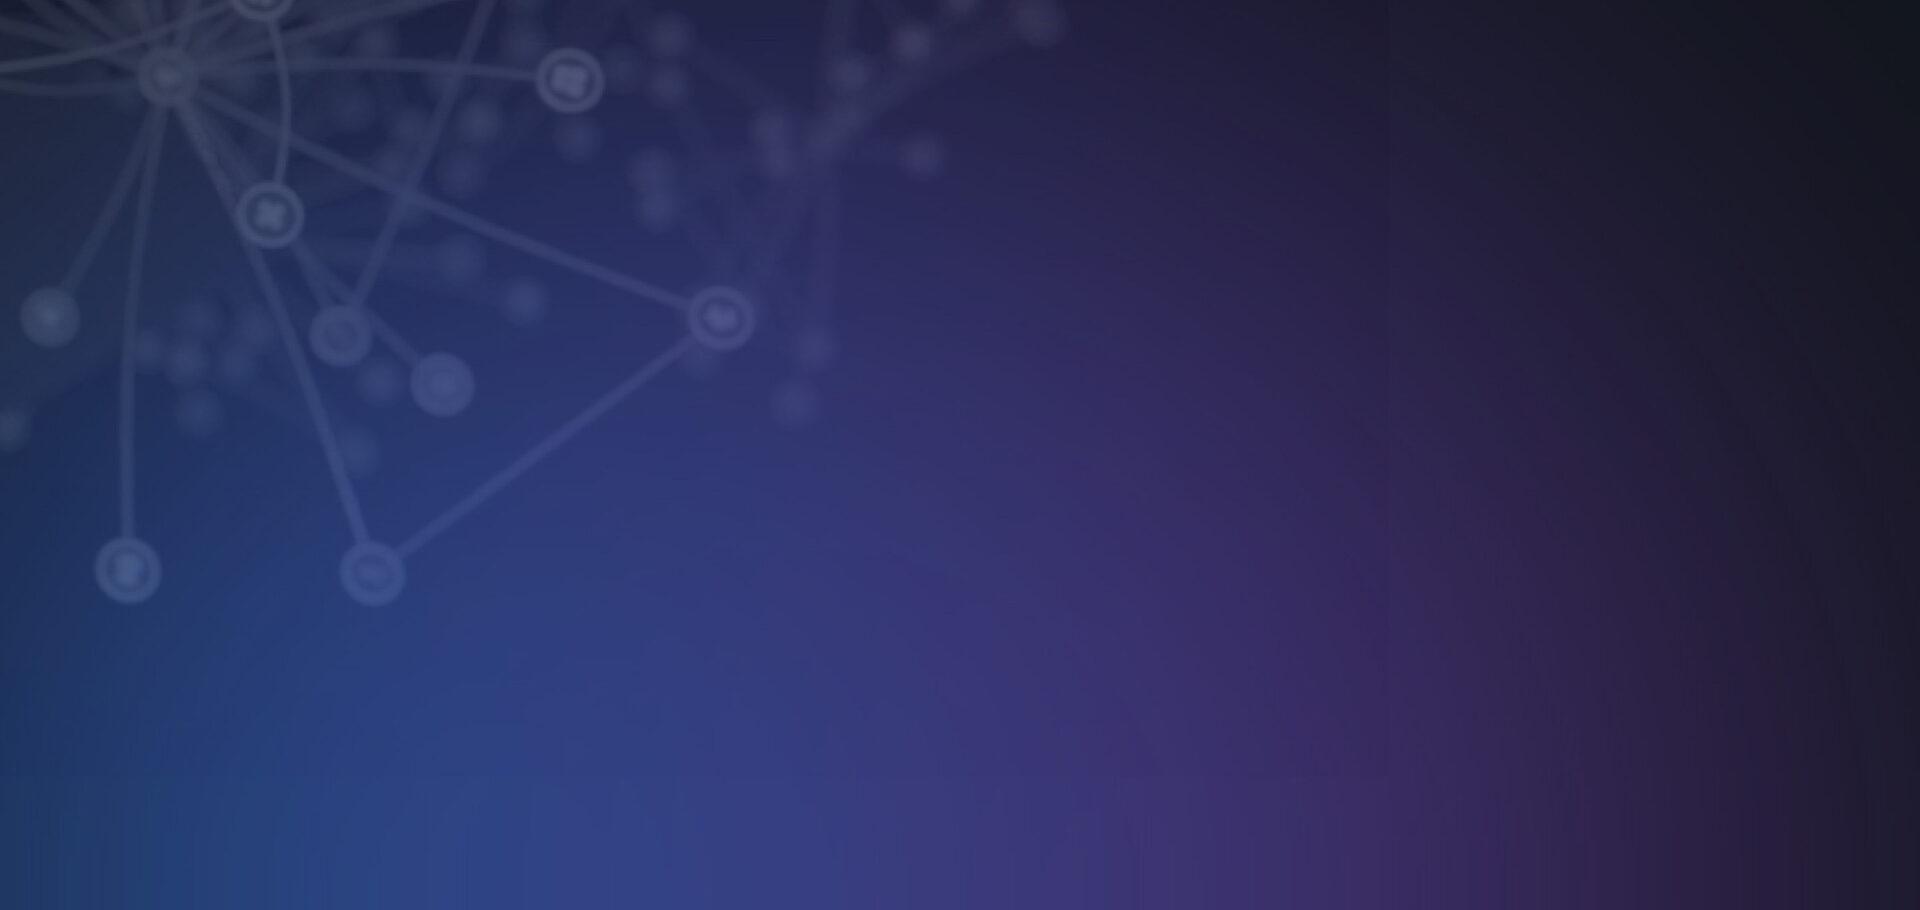 Smartscape background platform dynatrace